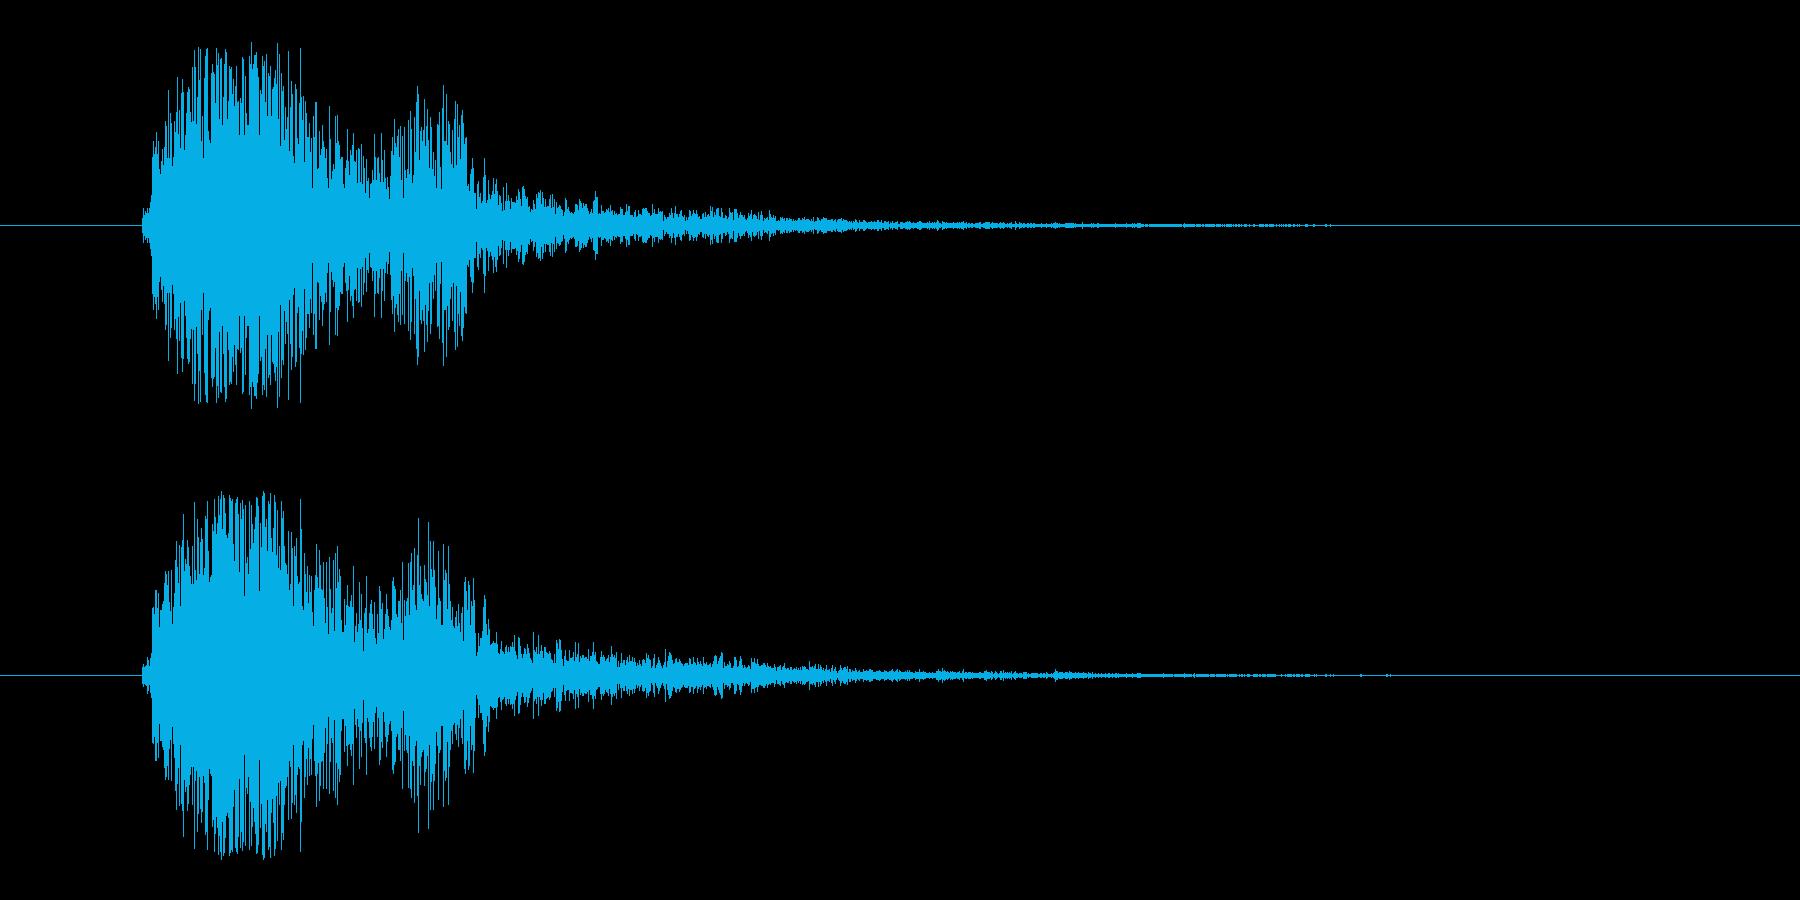 FX・SE/ガン/銃/ブローバック/バンの再生済みの波形